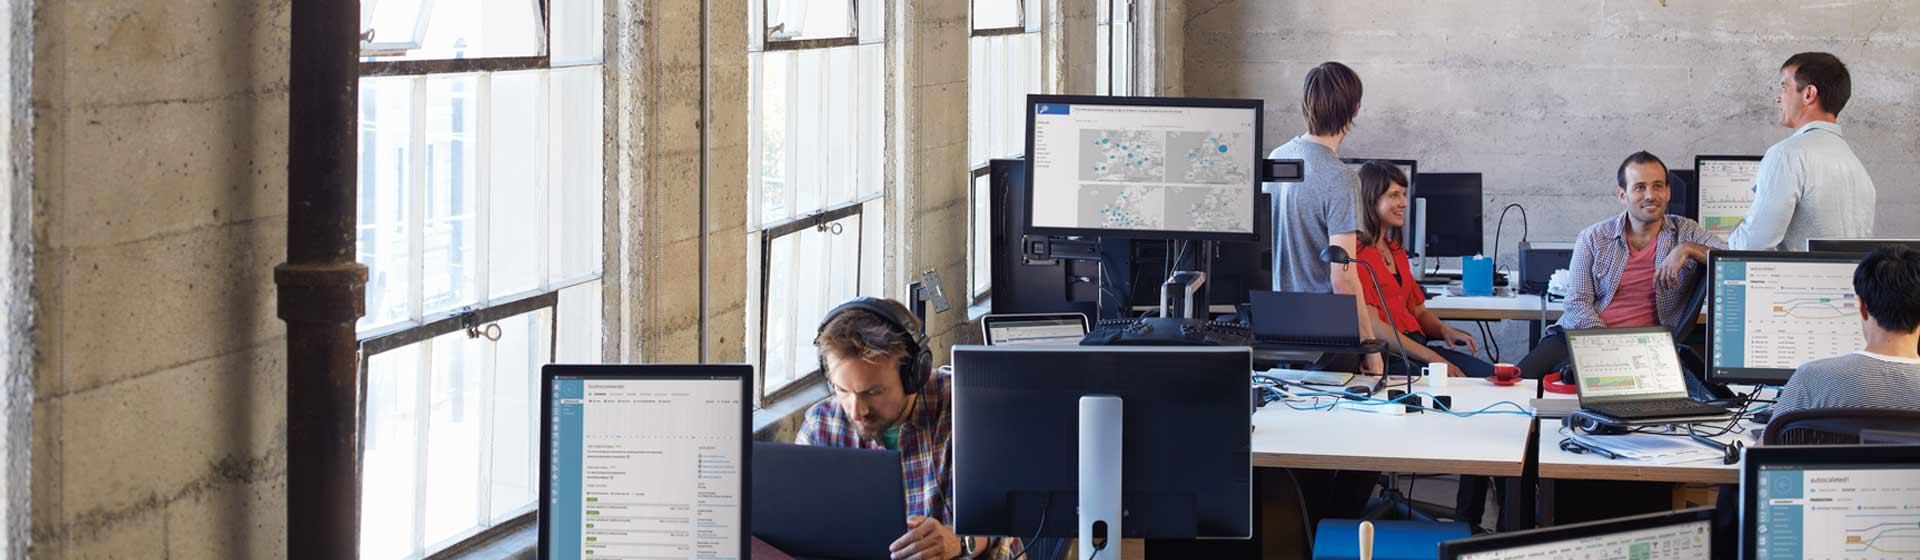 Skupina sodelavcev sedi in stoji ob mizah v pisarni, polni računalnikov, v katerih se izvaja Office 365